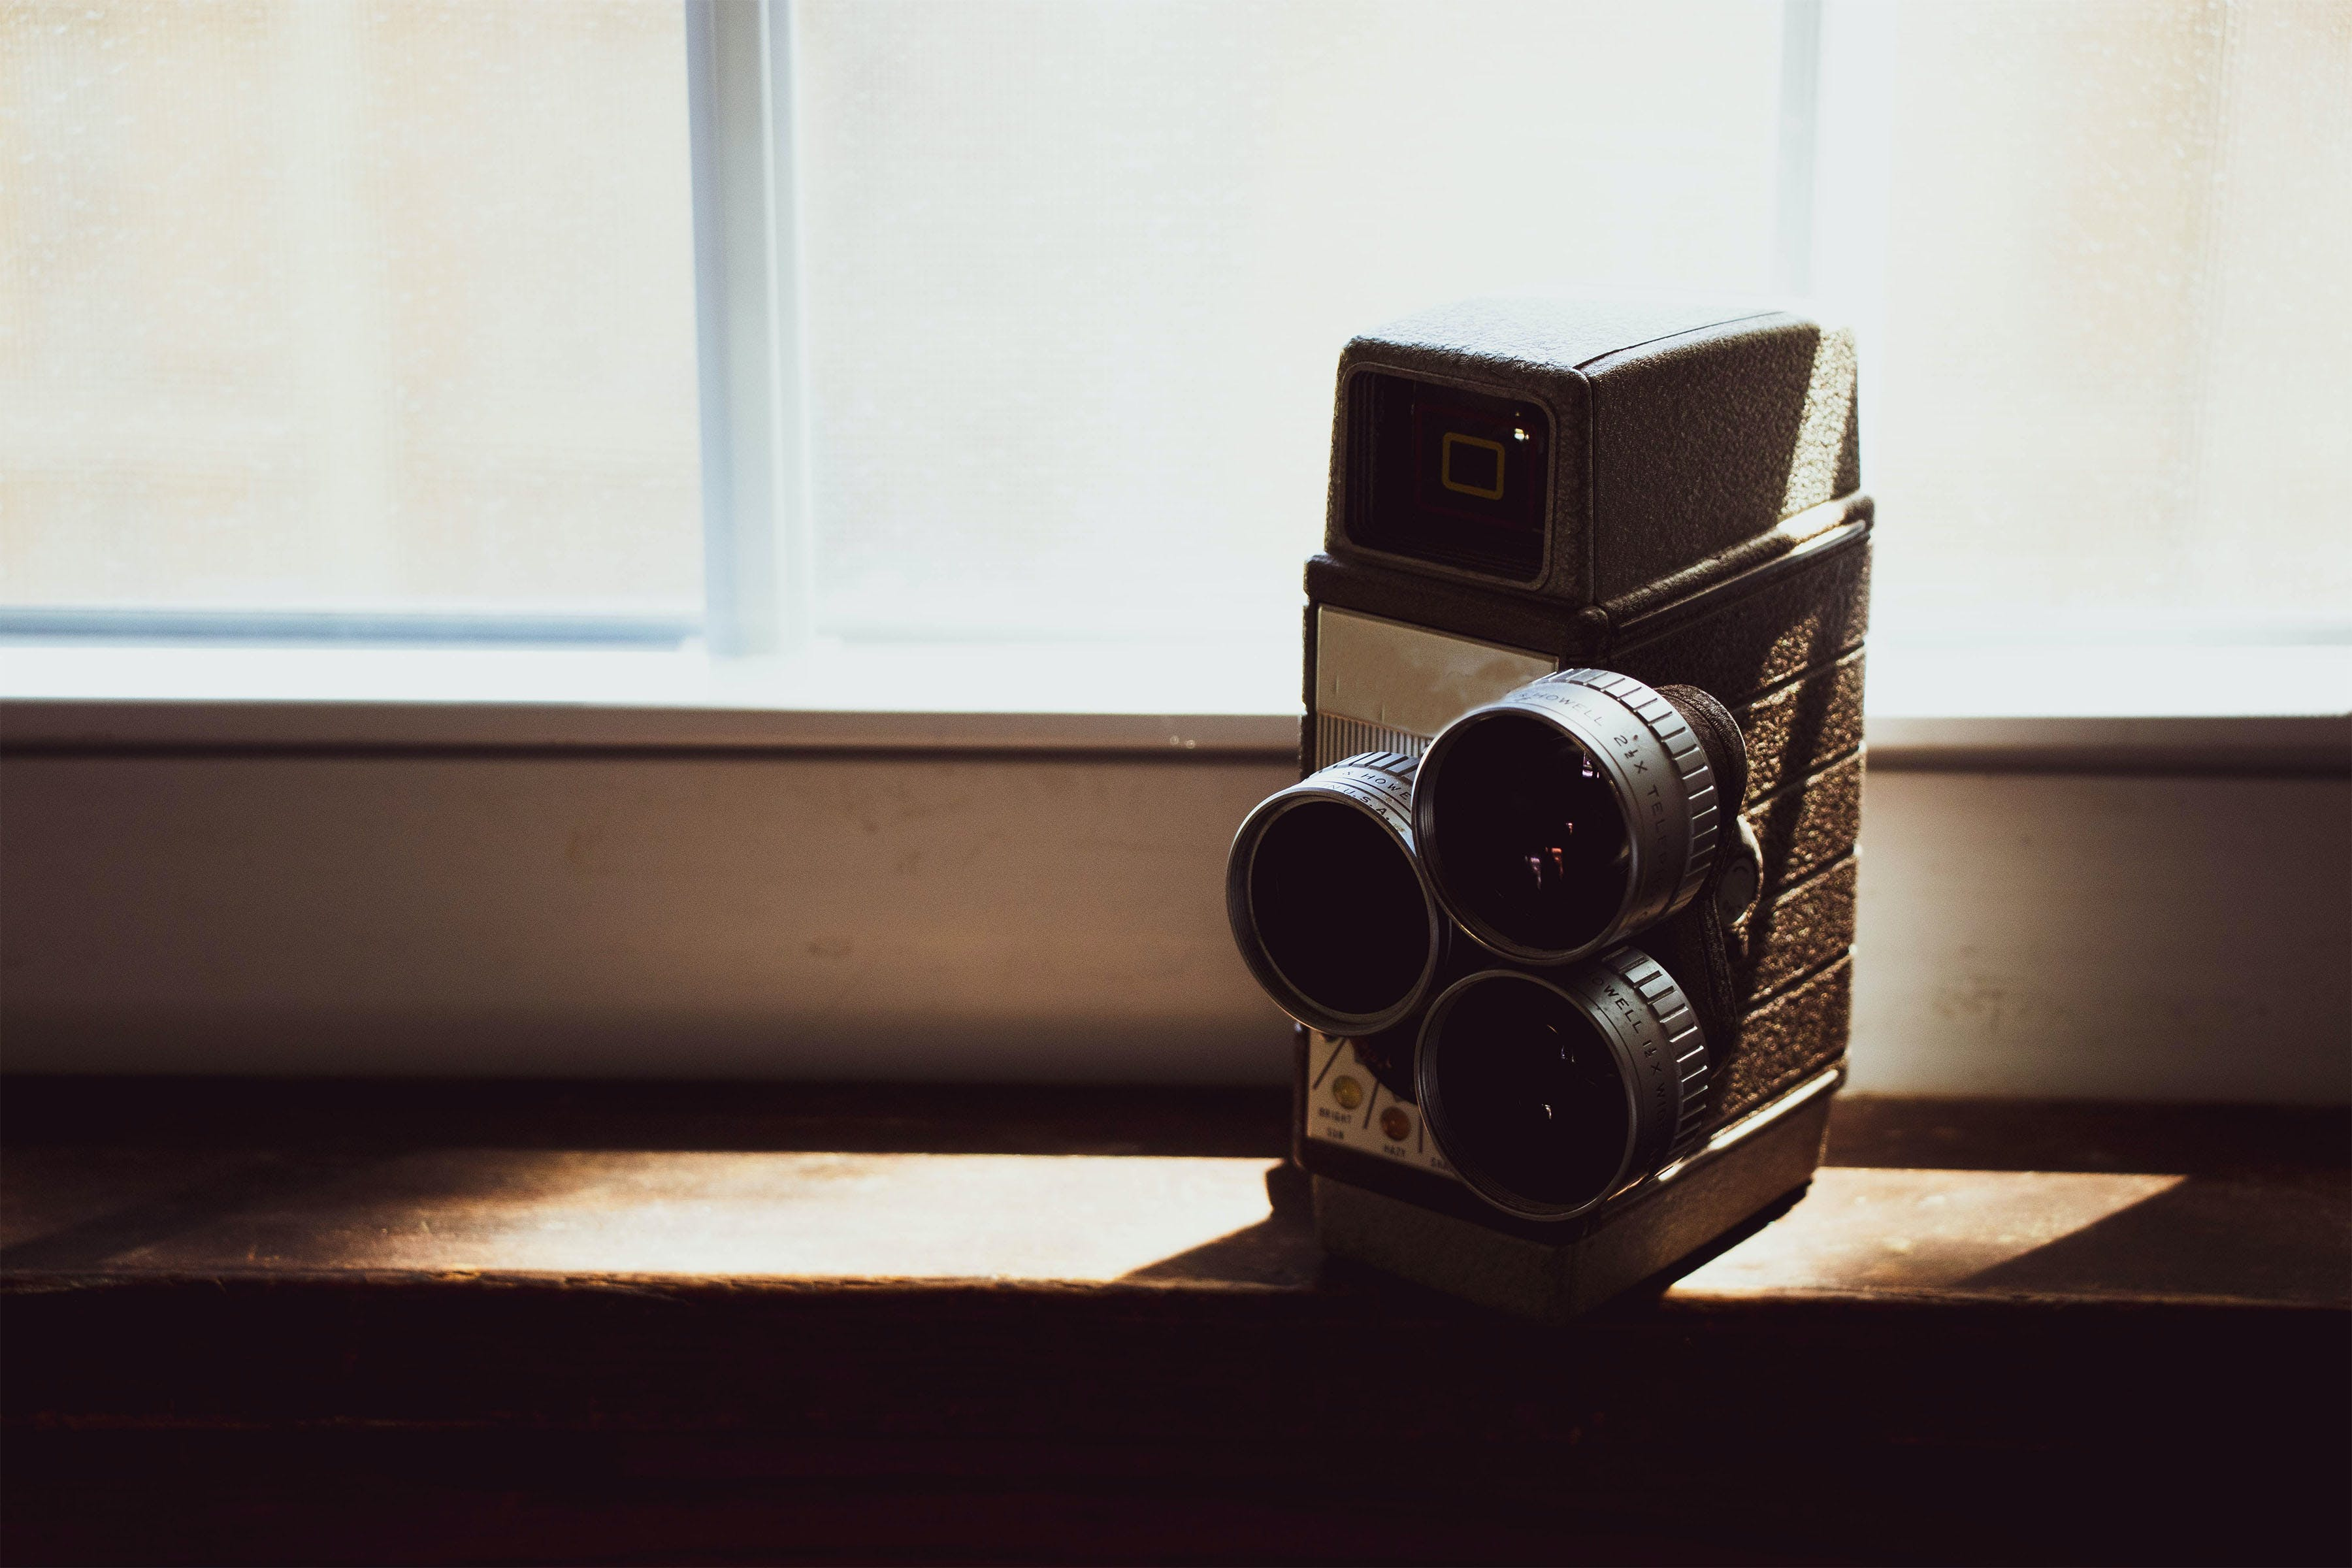 Δωρεάν στοκ φωτογραφιών με vintage, vintage φωτογραφική μηχανή, Αναλογικός, αντίκα